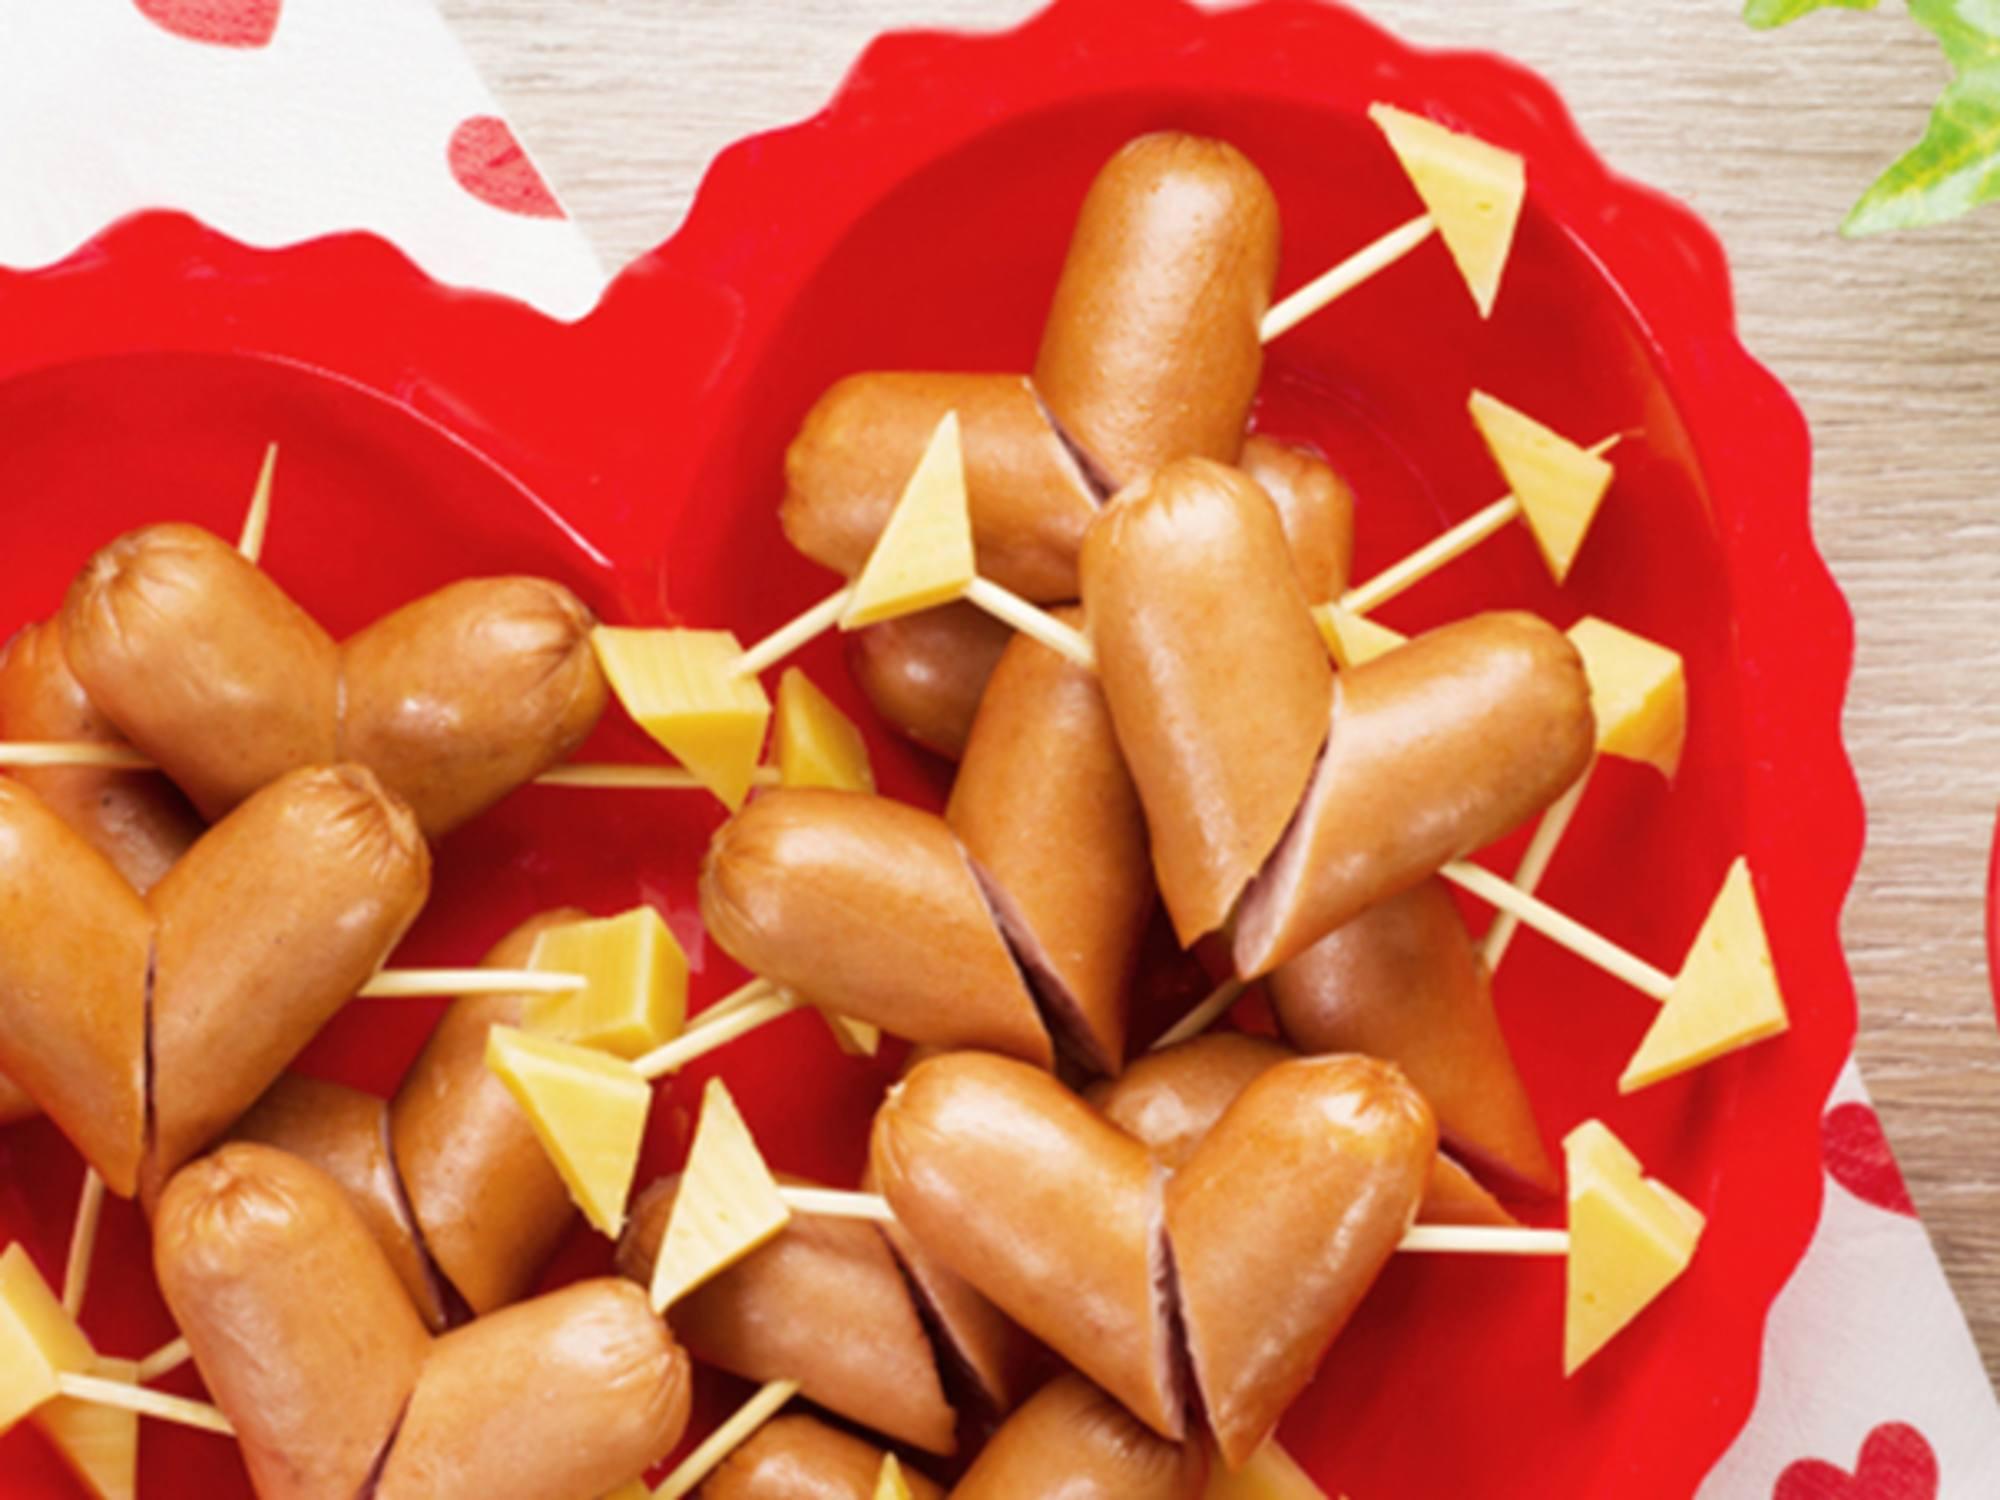 Salchichitas con Mayodulce Fruco Para Compartir